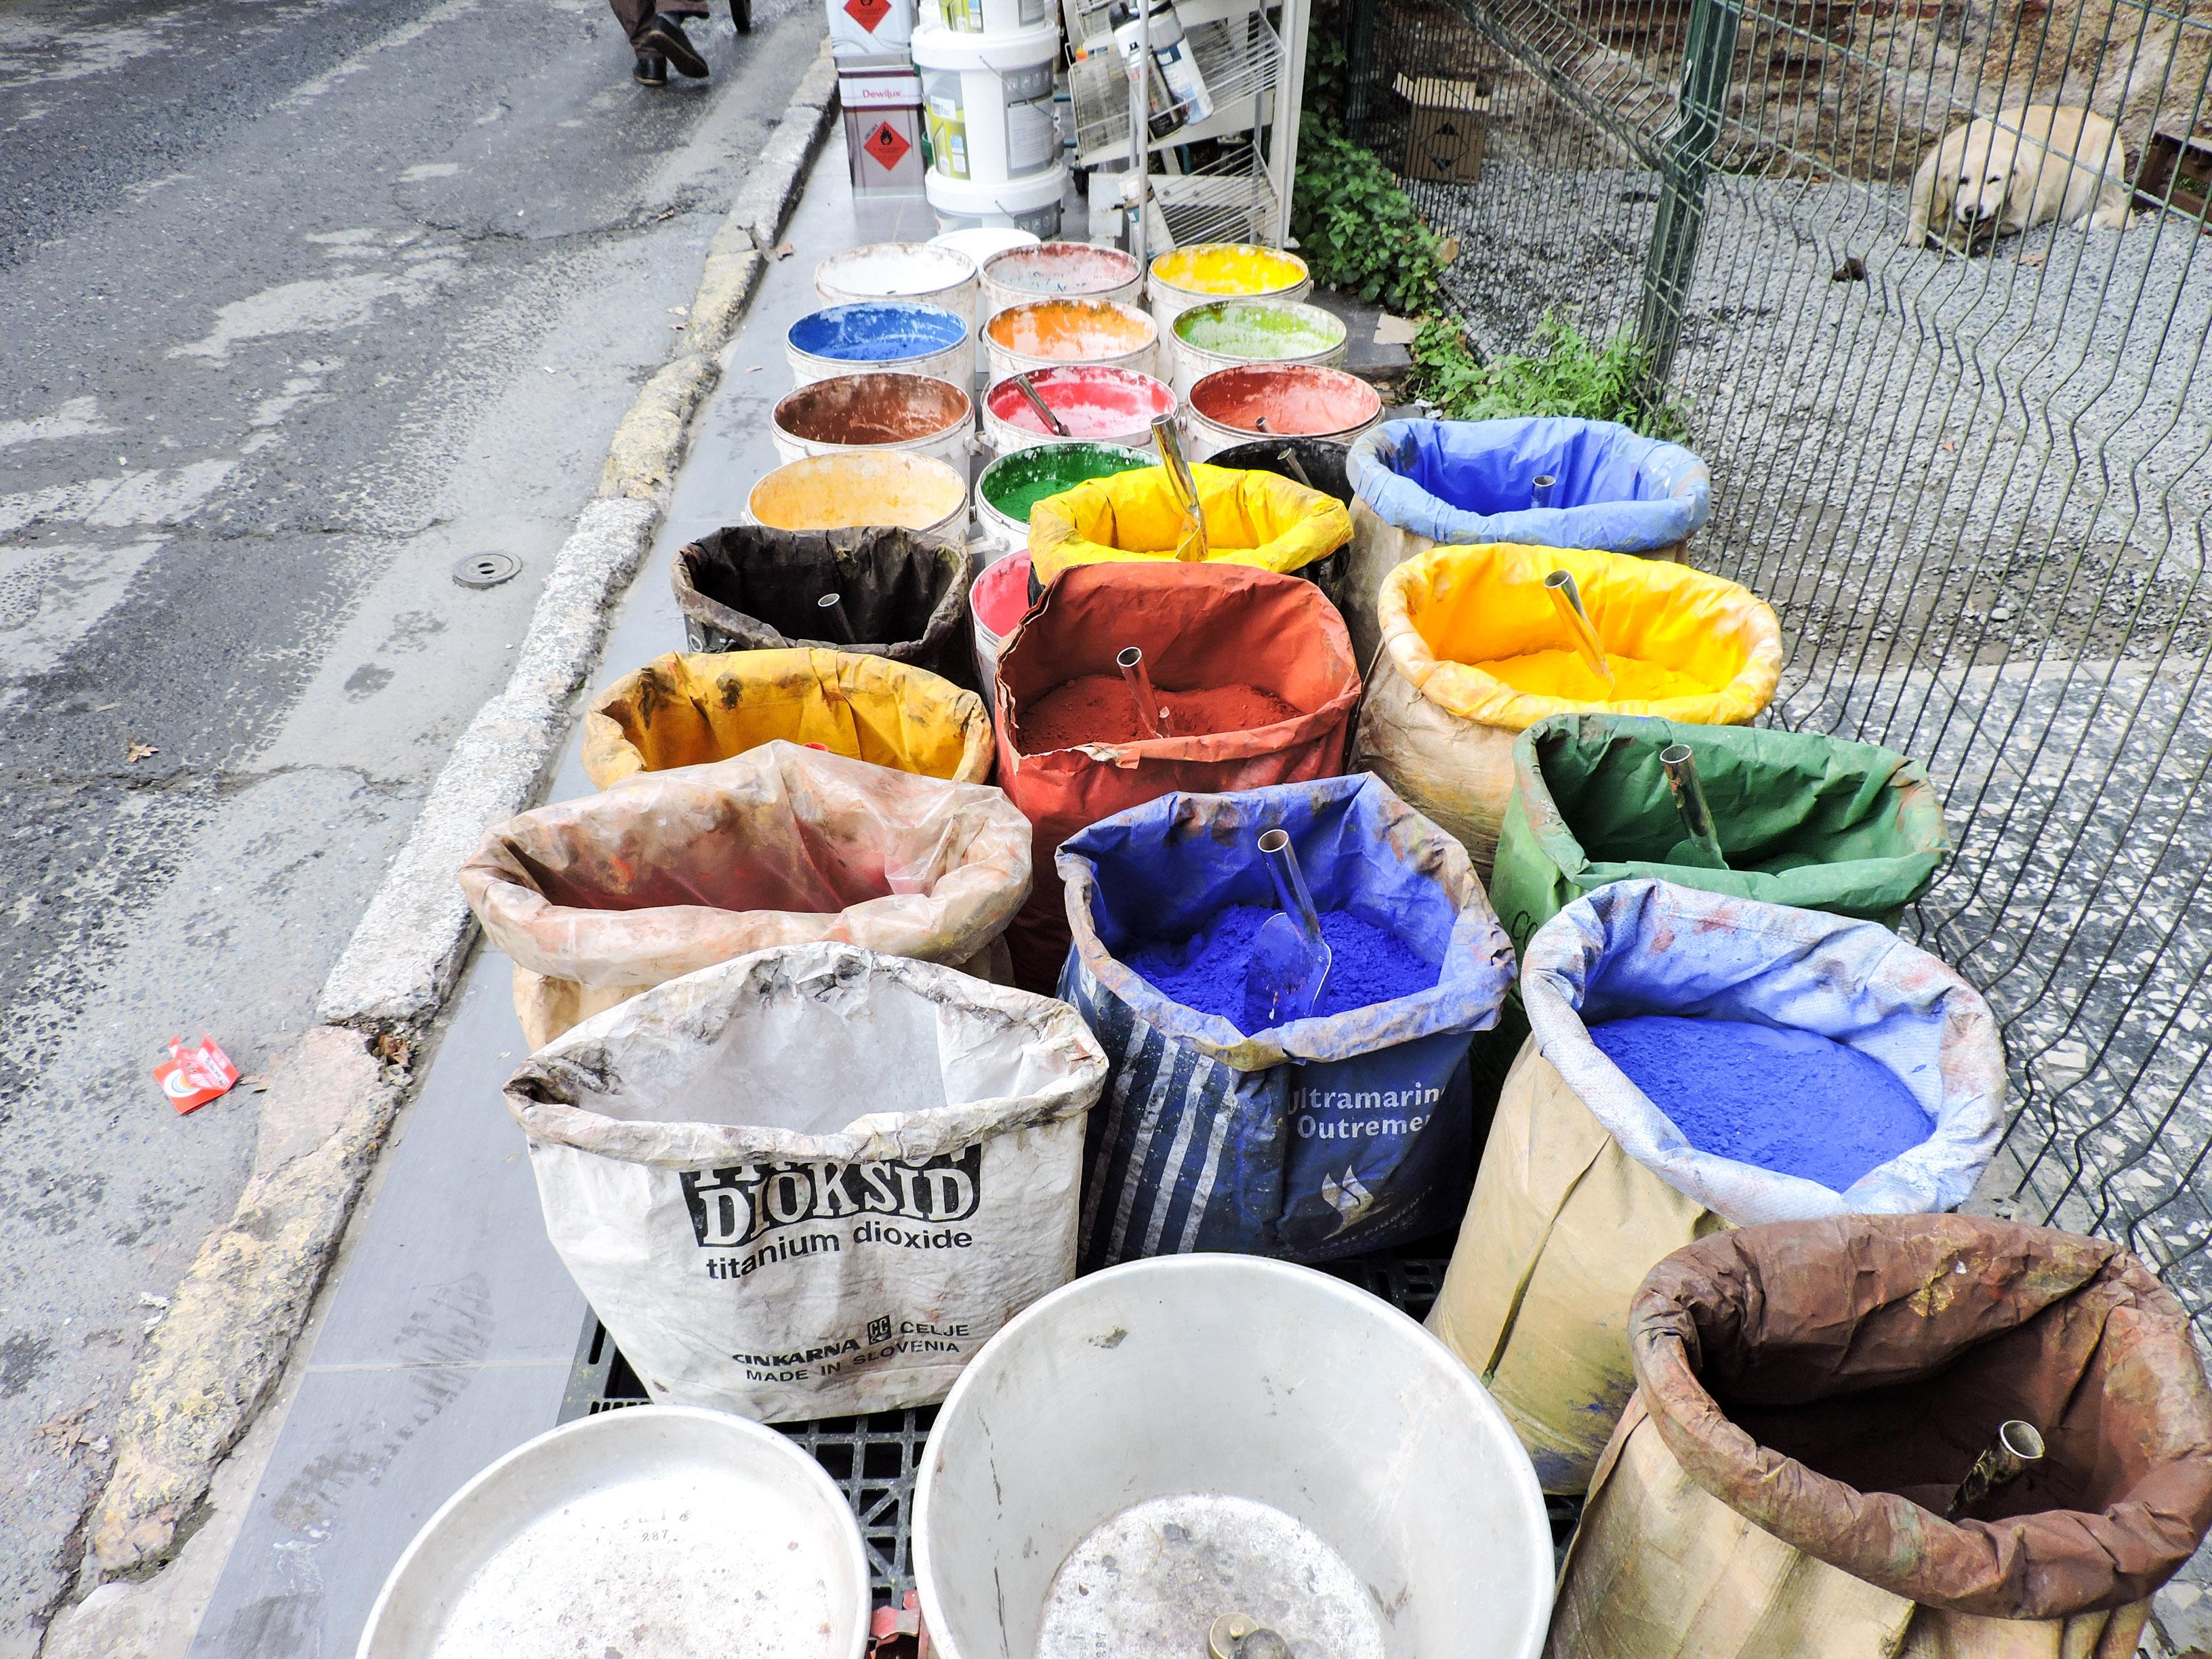 Persembe Pazarı, il mercato deimeccanici, elettrici, idraulici e venditori di componenti elettronici